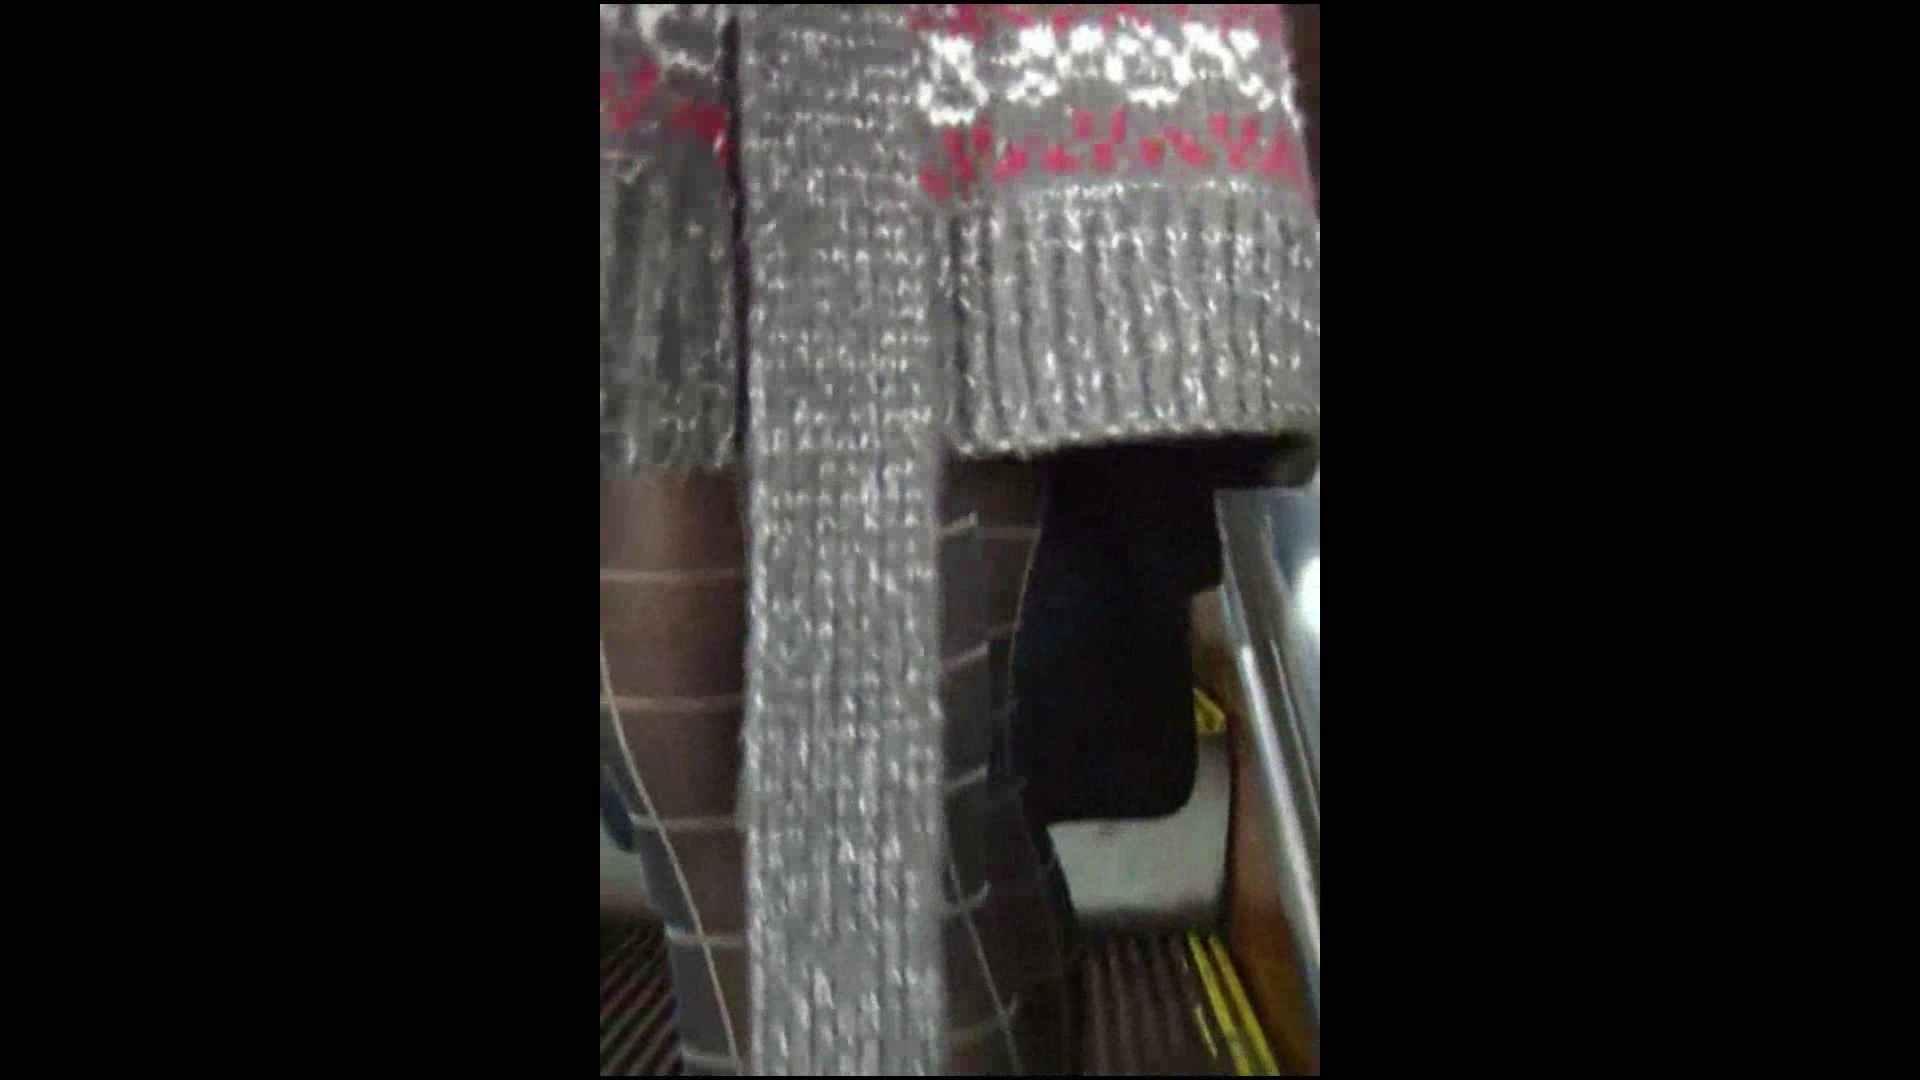 綺麗なモデルさんのスカート捲っちゃおう‼vol06 モデル おまんこ動画流出 103pic 83